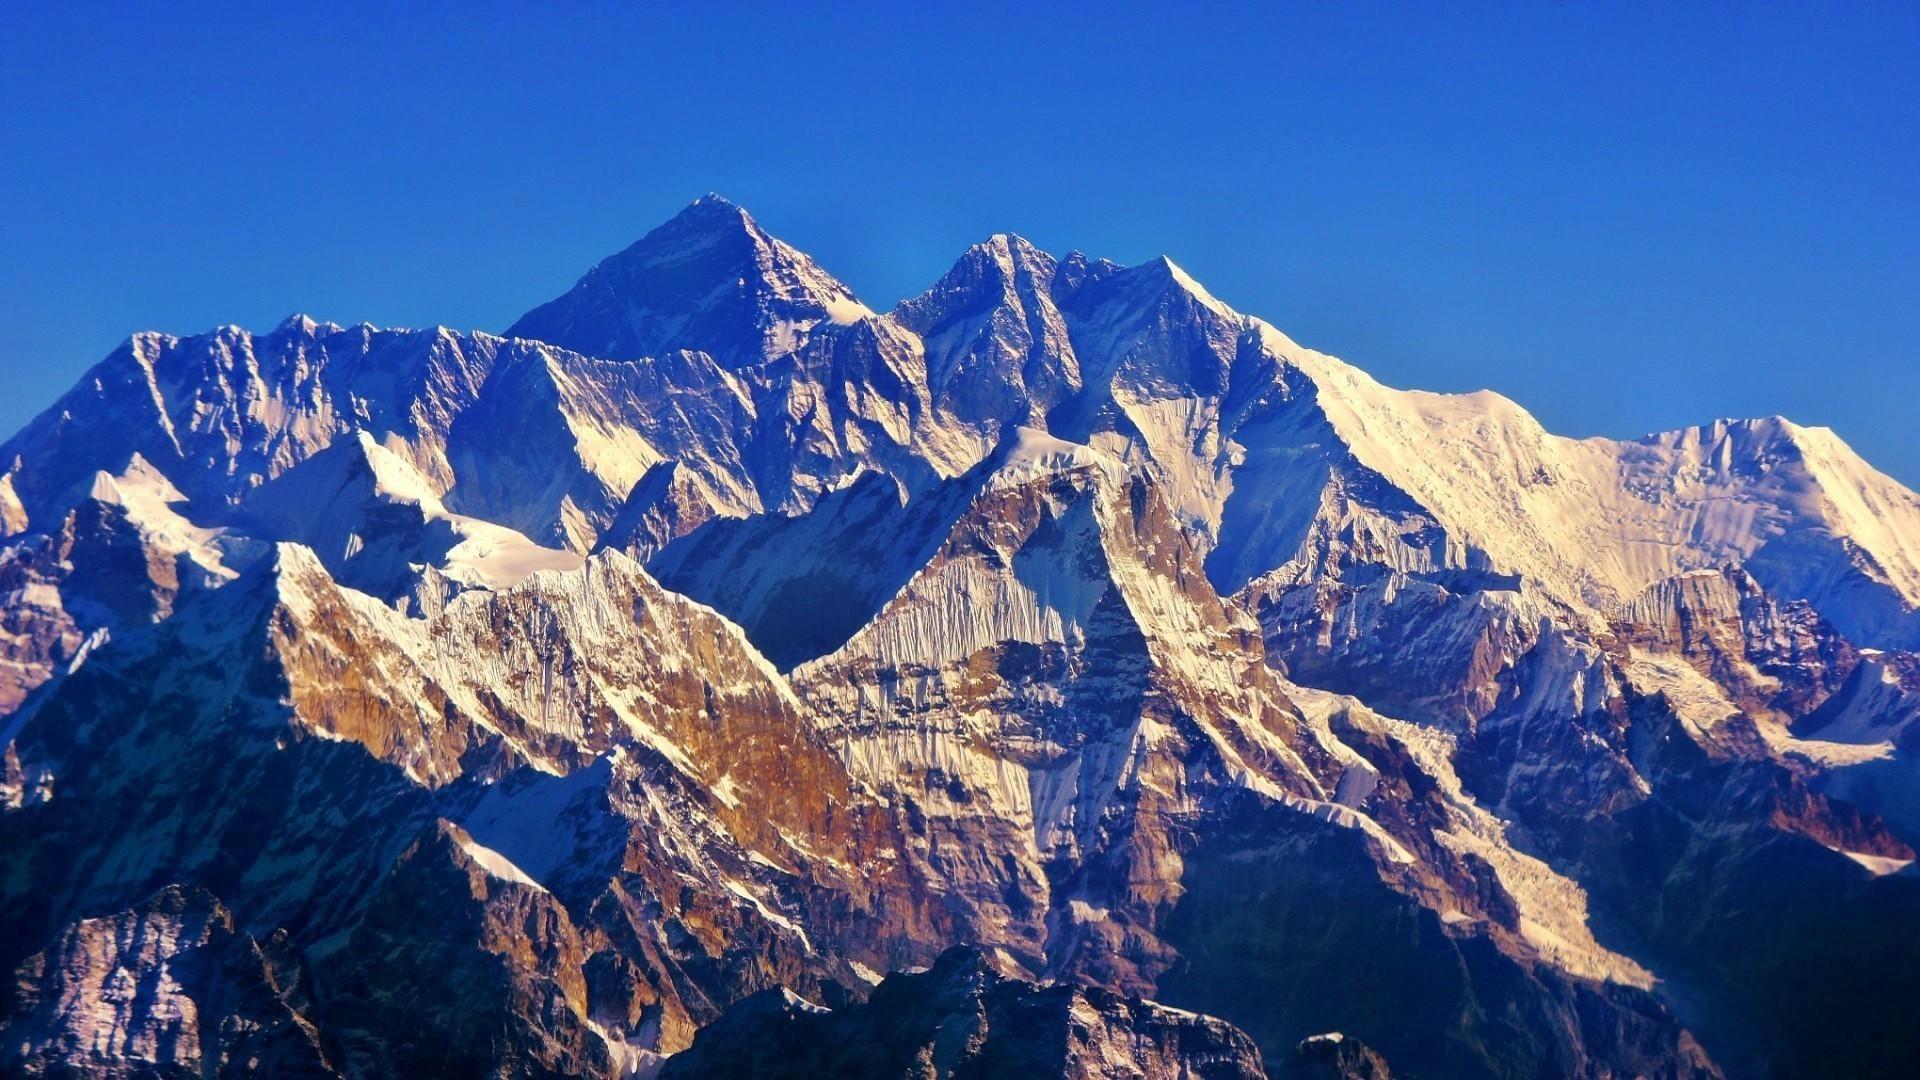 Everest HD Wallpaper